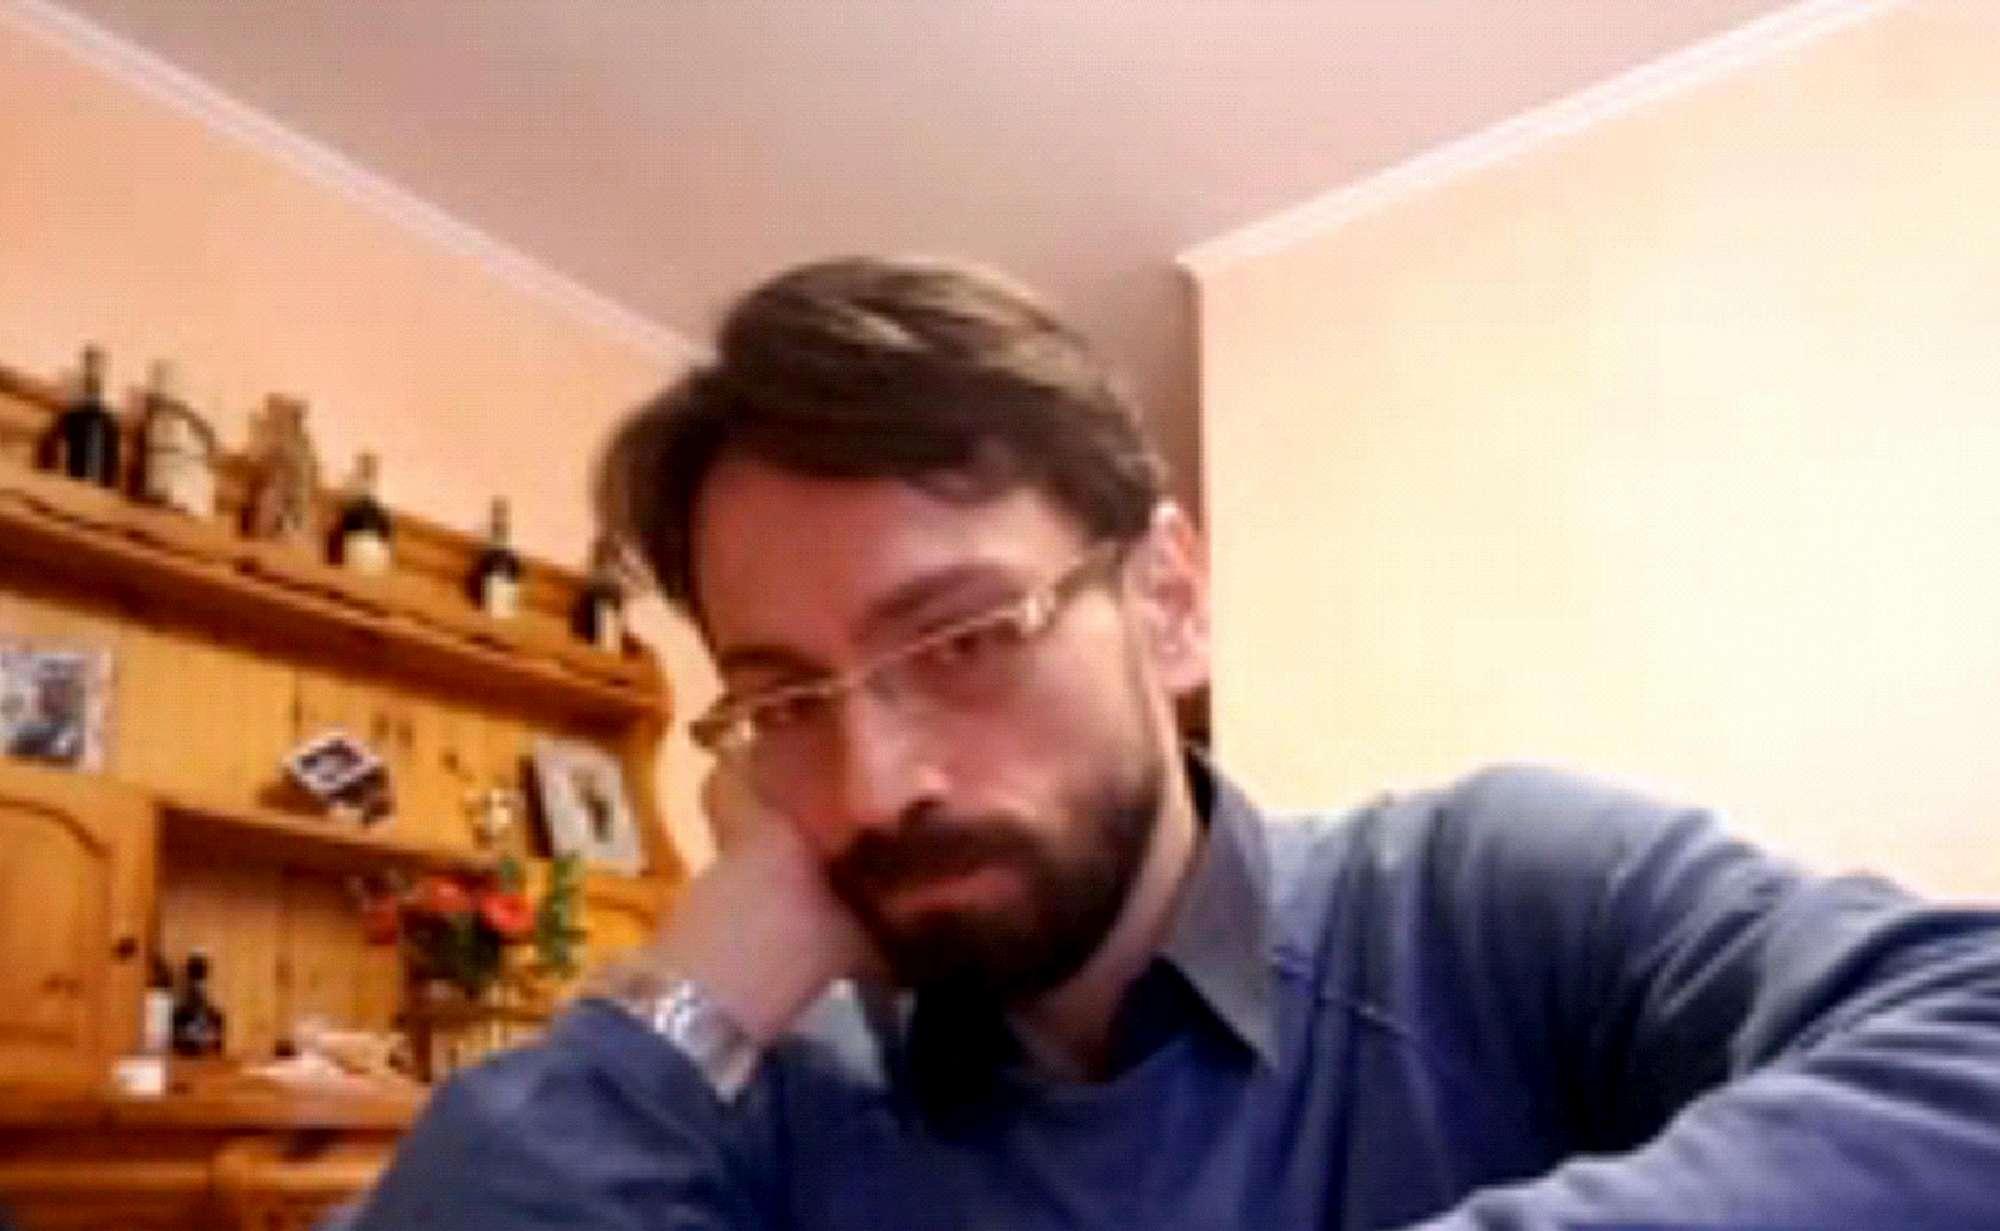 Ancona, positivo a HIV da 11 anni aveva rapporti non protetti: preso untore